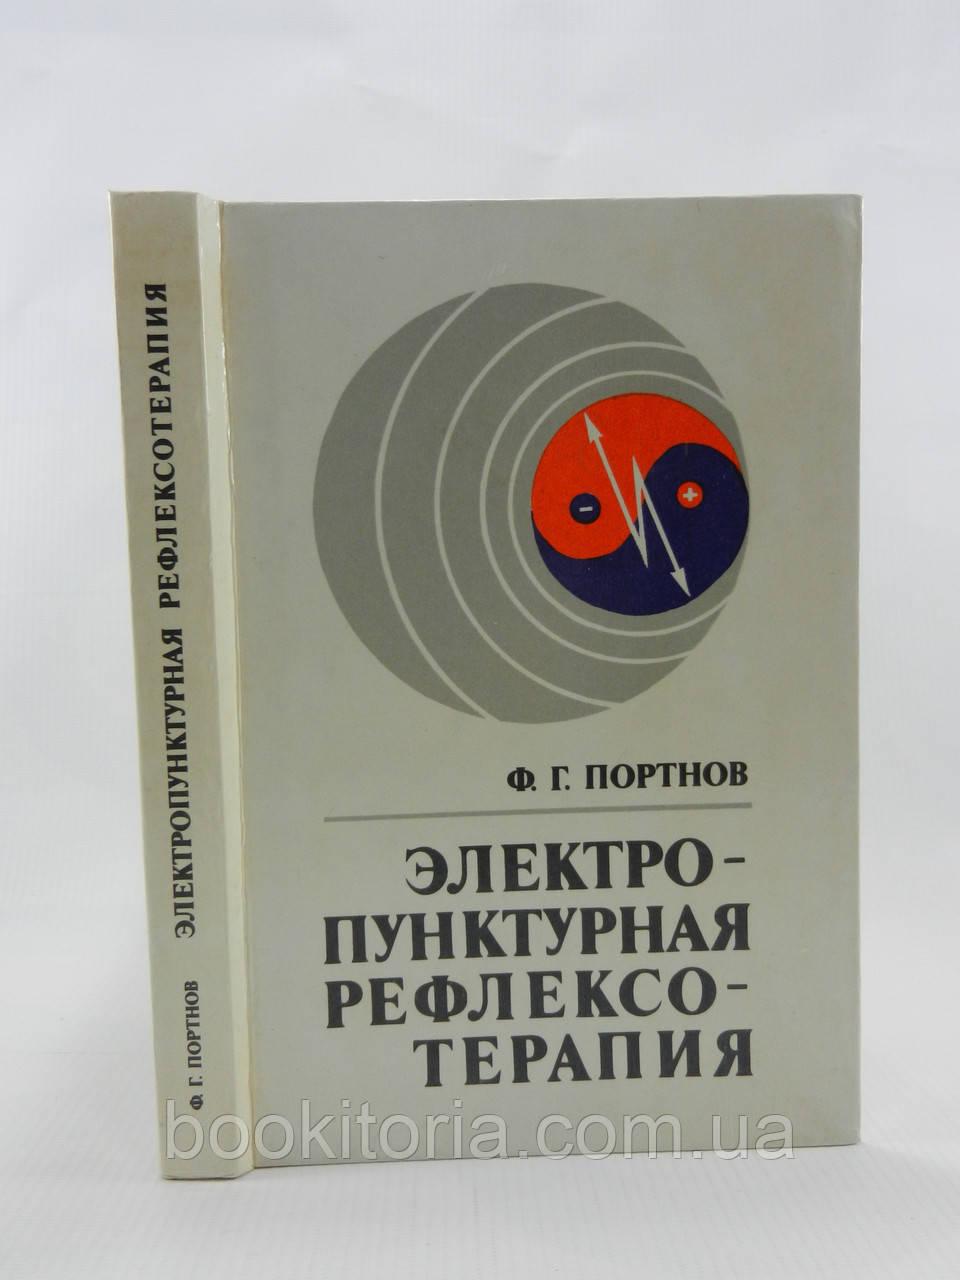 Портнов Ф. Электропунктурная рефлексотерапия (б/у).